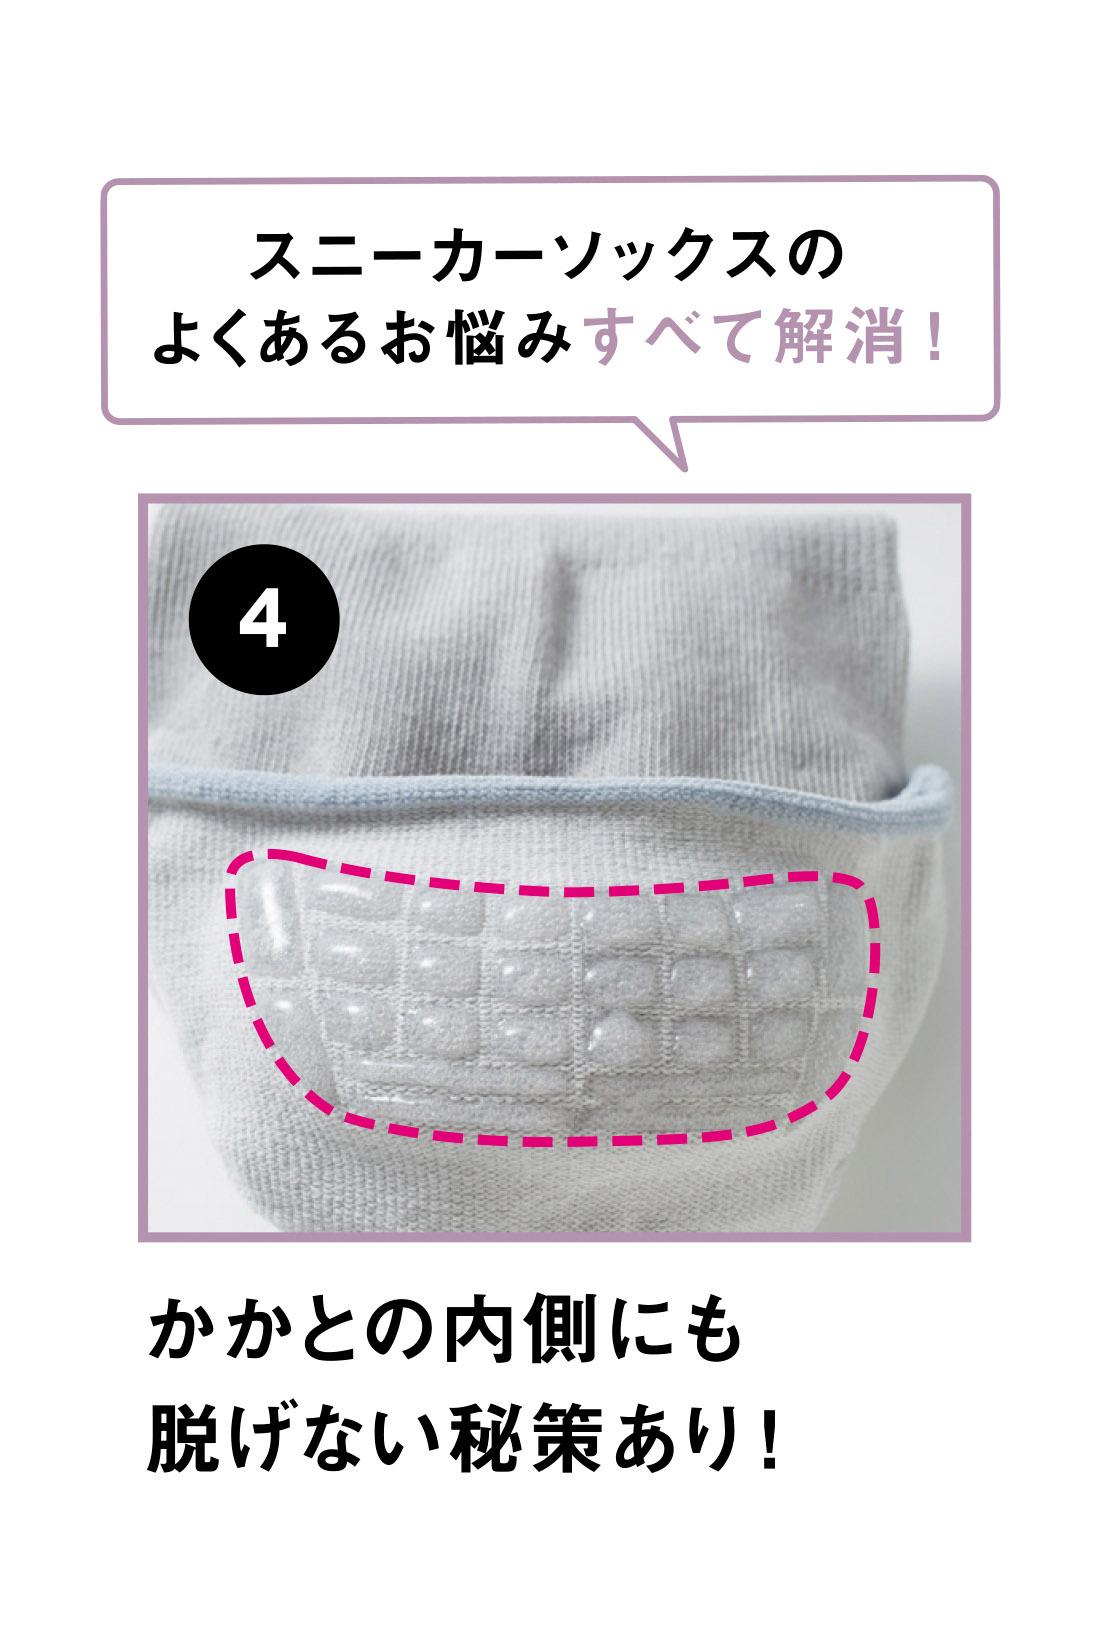 まちをつけてかかとのカーブに合わせた立体設計。はき口にゴムをあしらうことで、ぴたっとホールド感アップ。